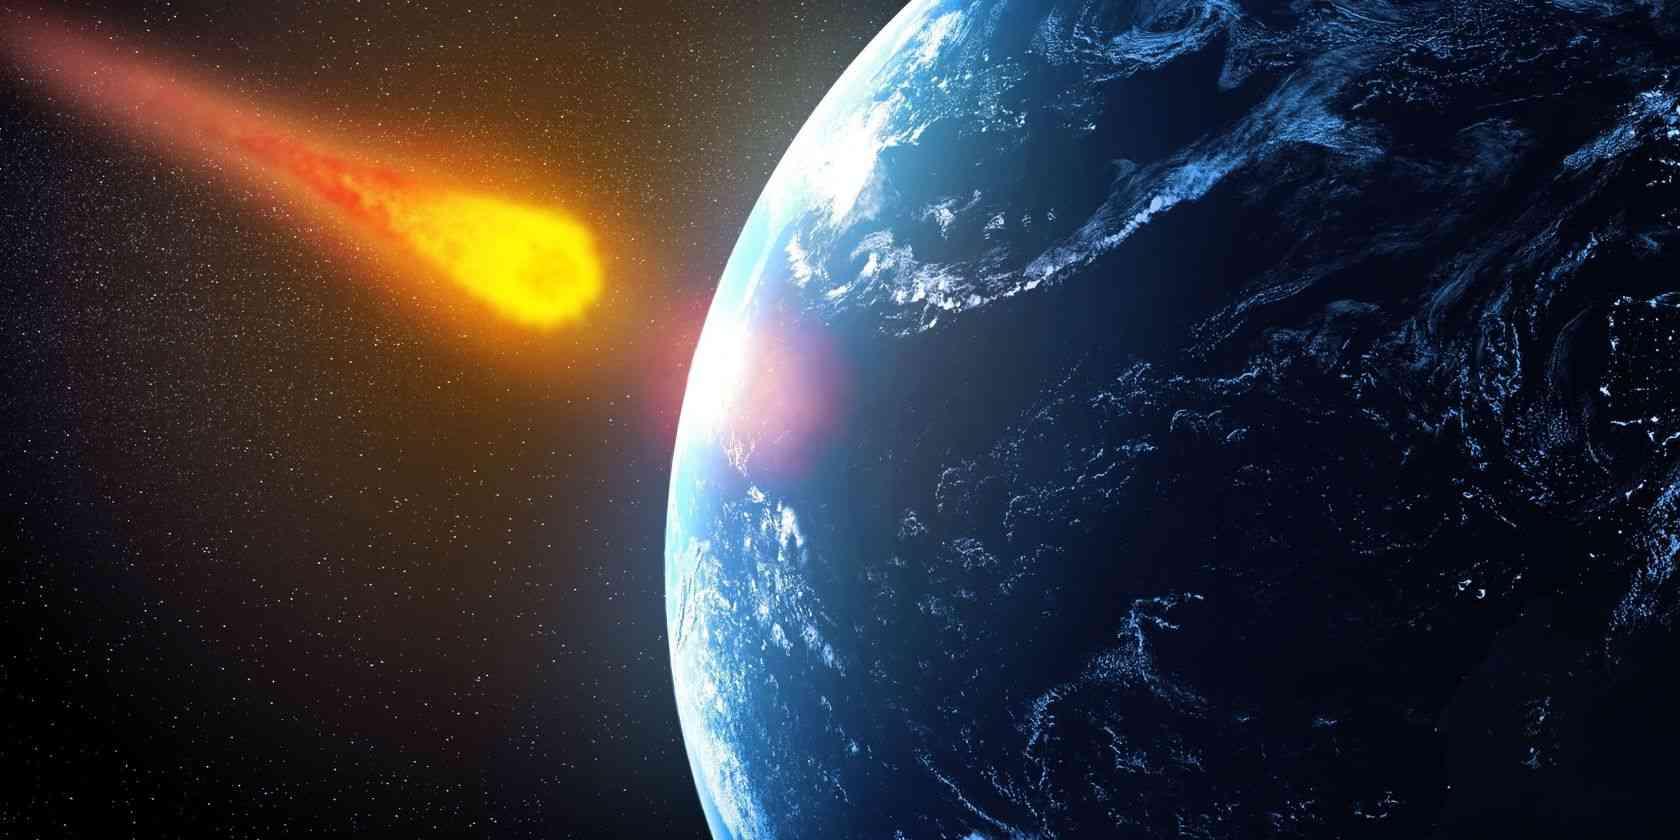 Mukundpura carbonaceous meteorite